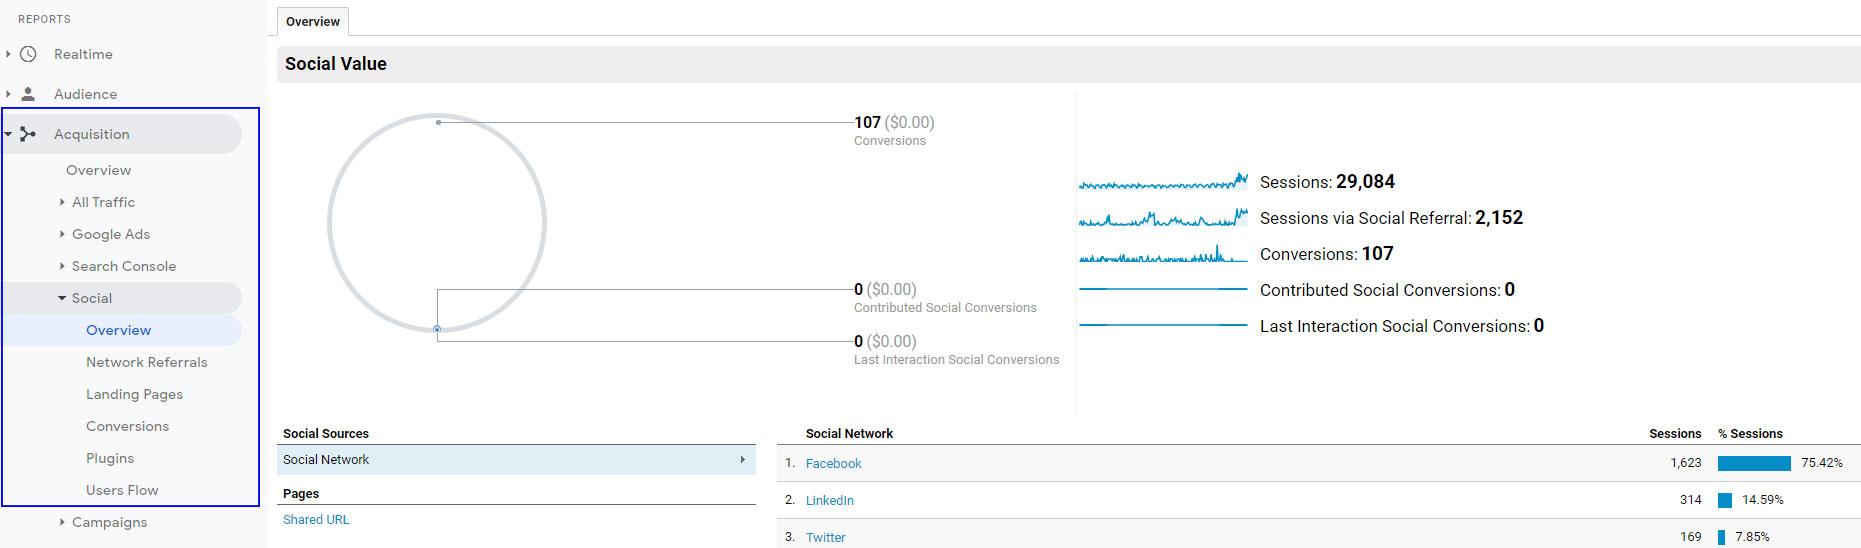 Social media statistics in Google Analytics